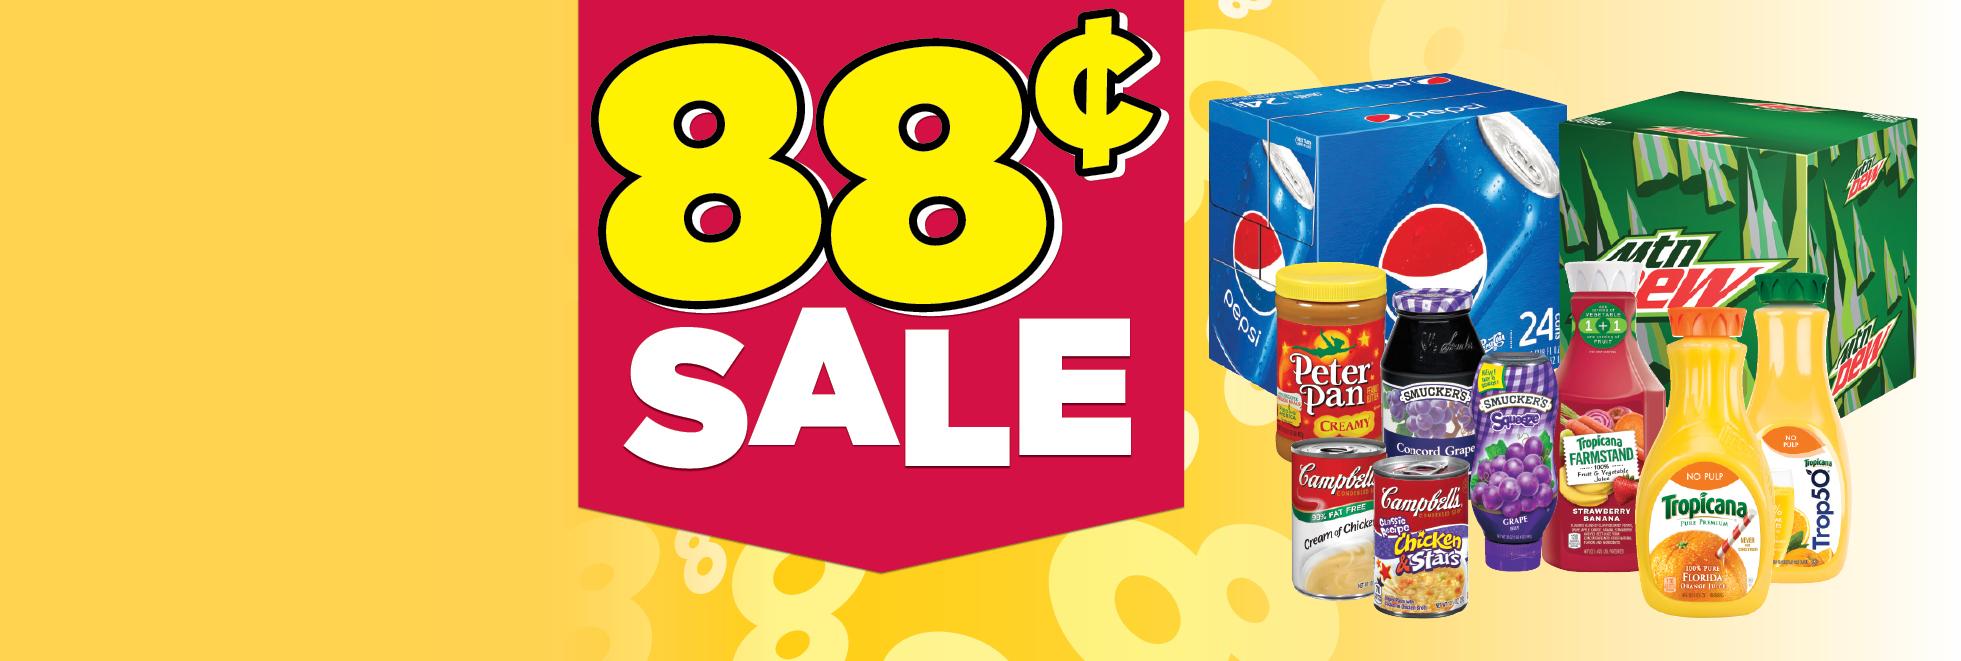 88¢ Sale